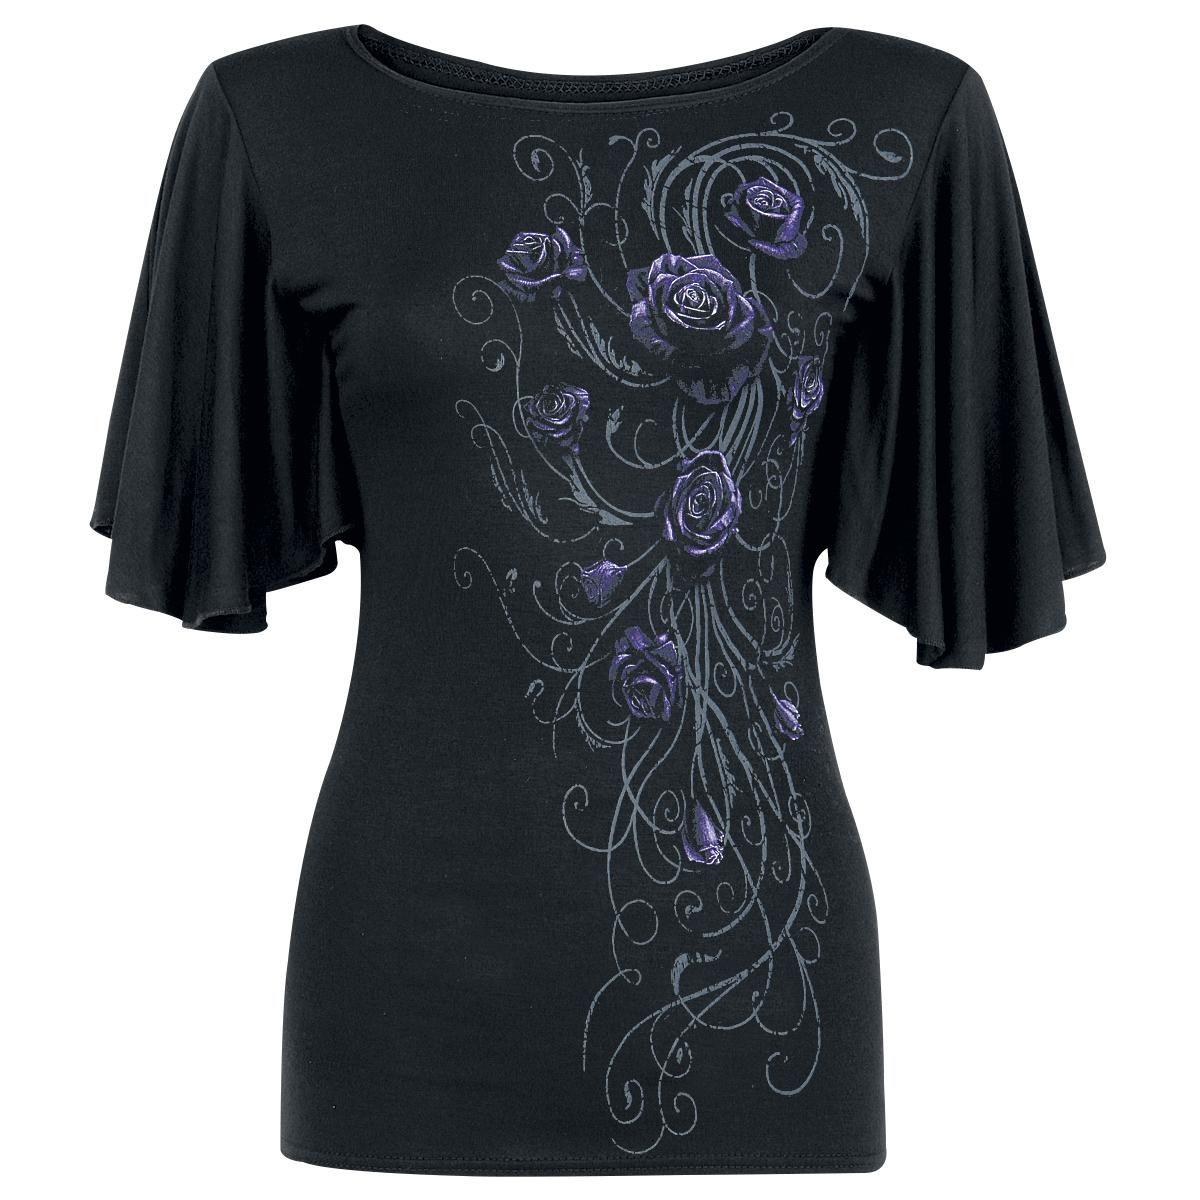 Spiral T-skjorte -Entwined- -- Kjøp nå hos EMP -- Mer Goth T-skjorter tilgjengelig online - Uslagbare priser!